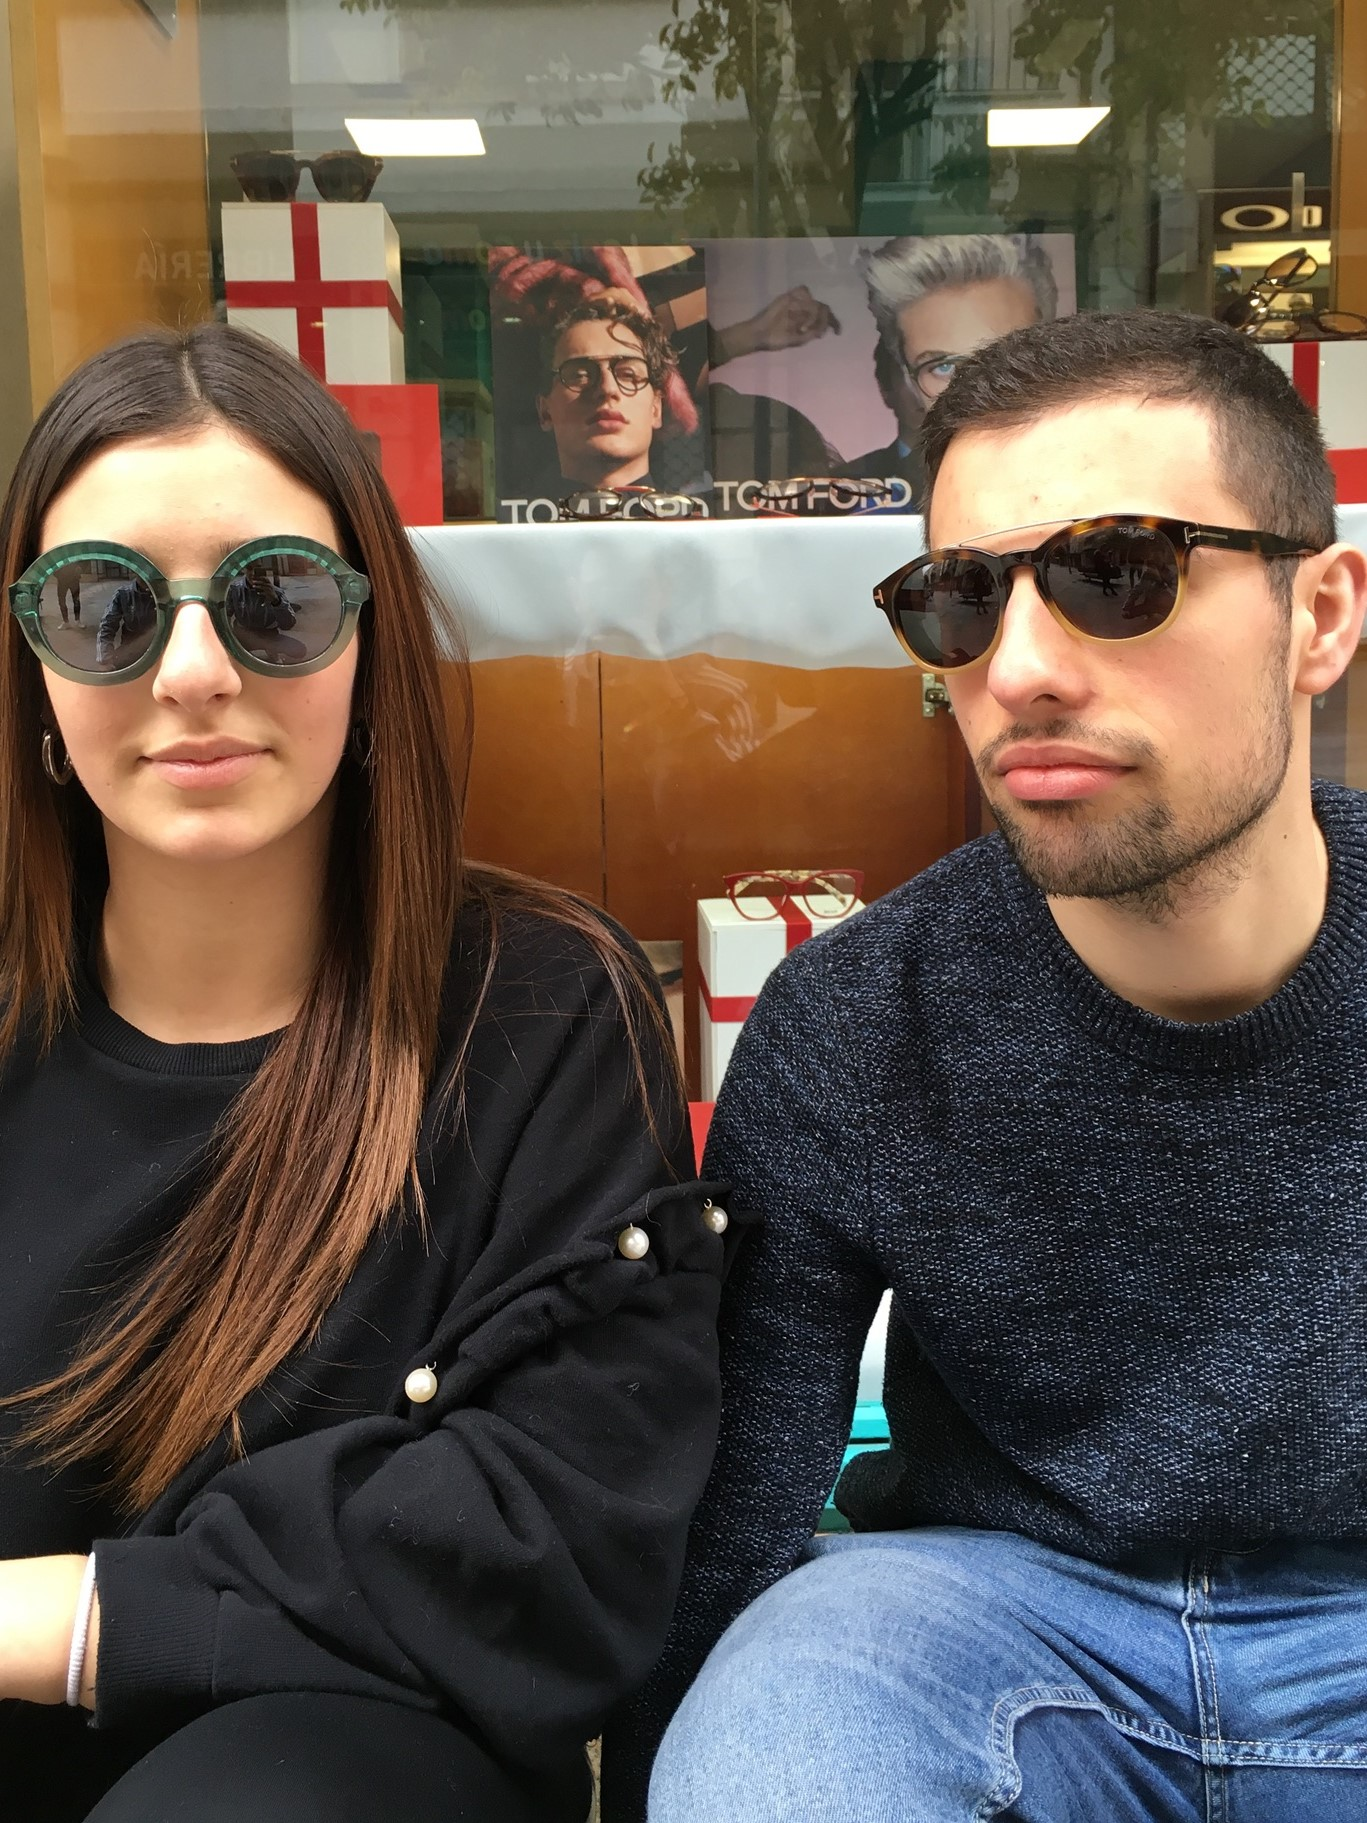 Gafas retro chico y chica - Centroptica Ourense